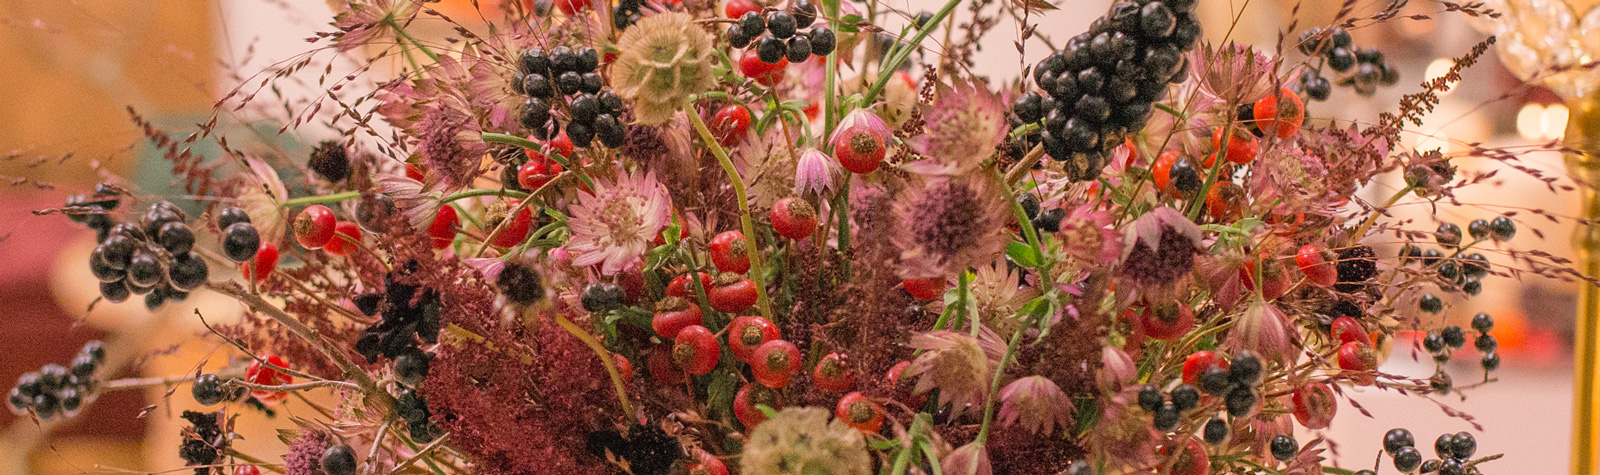 Demostración floral en Alflora. Interflora Portugal